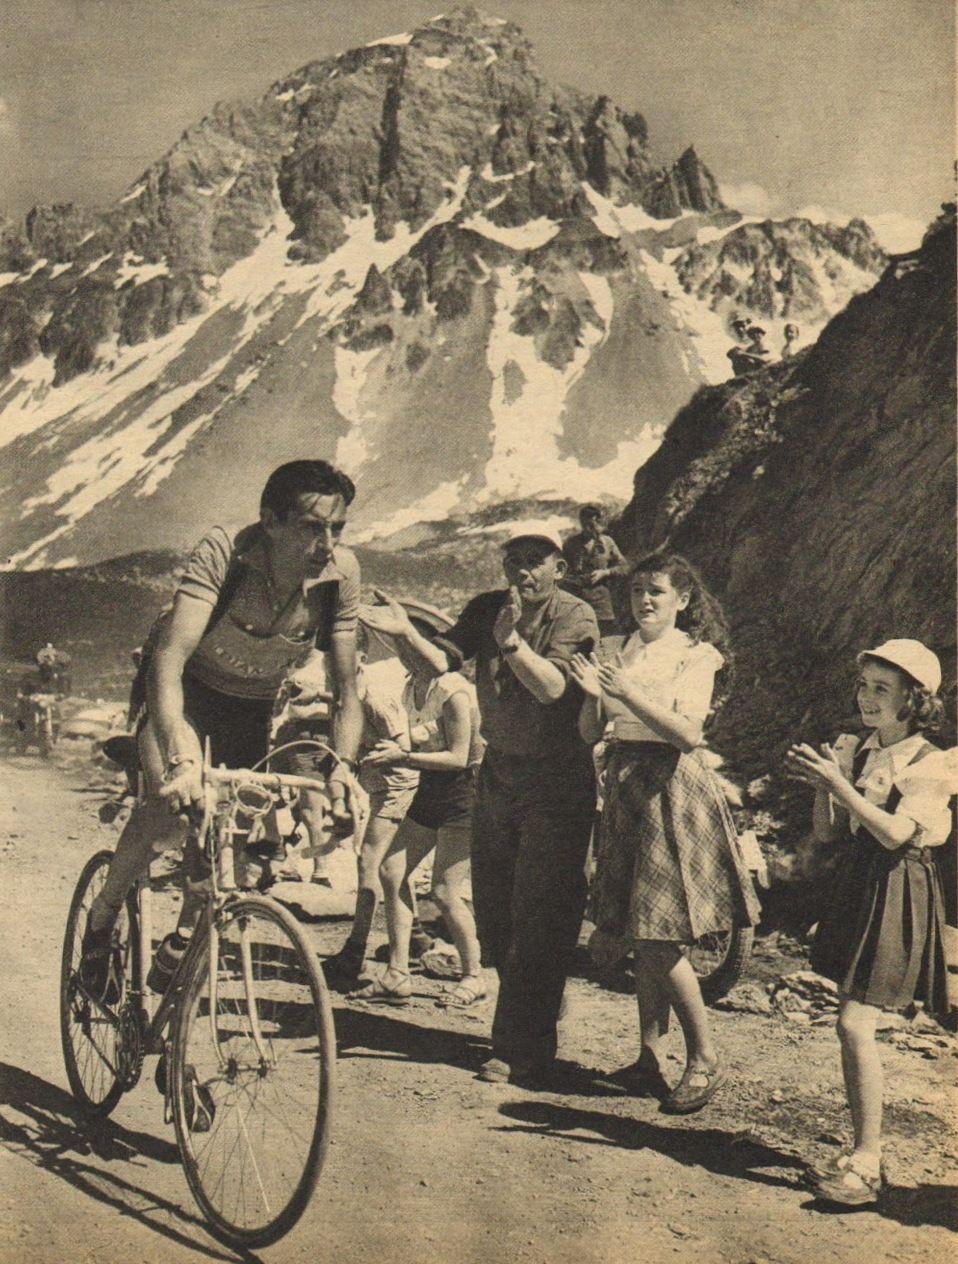 Tour de France 1952. 11^Tappa, 6 luglio. Le Bourg d'Oisans > Sestrières. Col du Galibier. Fausto Coppi (1919-1960) [Le Miroir des Sports. L'Histoire du Tour '52]